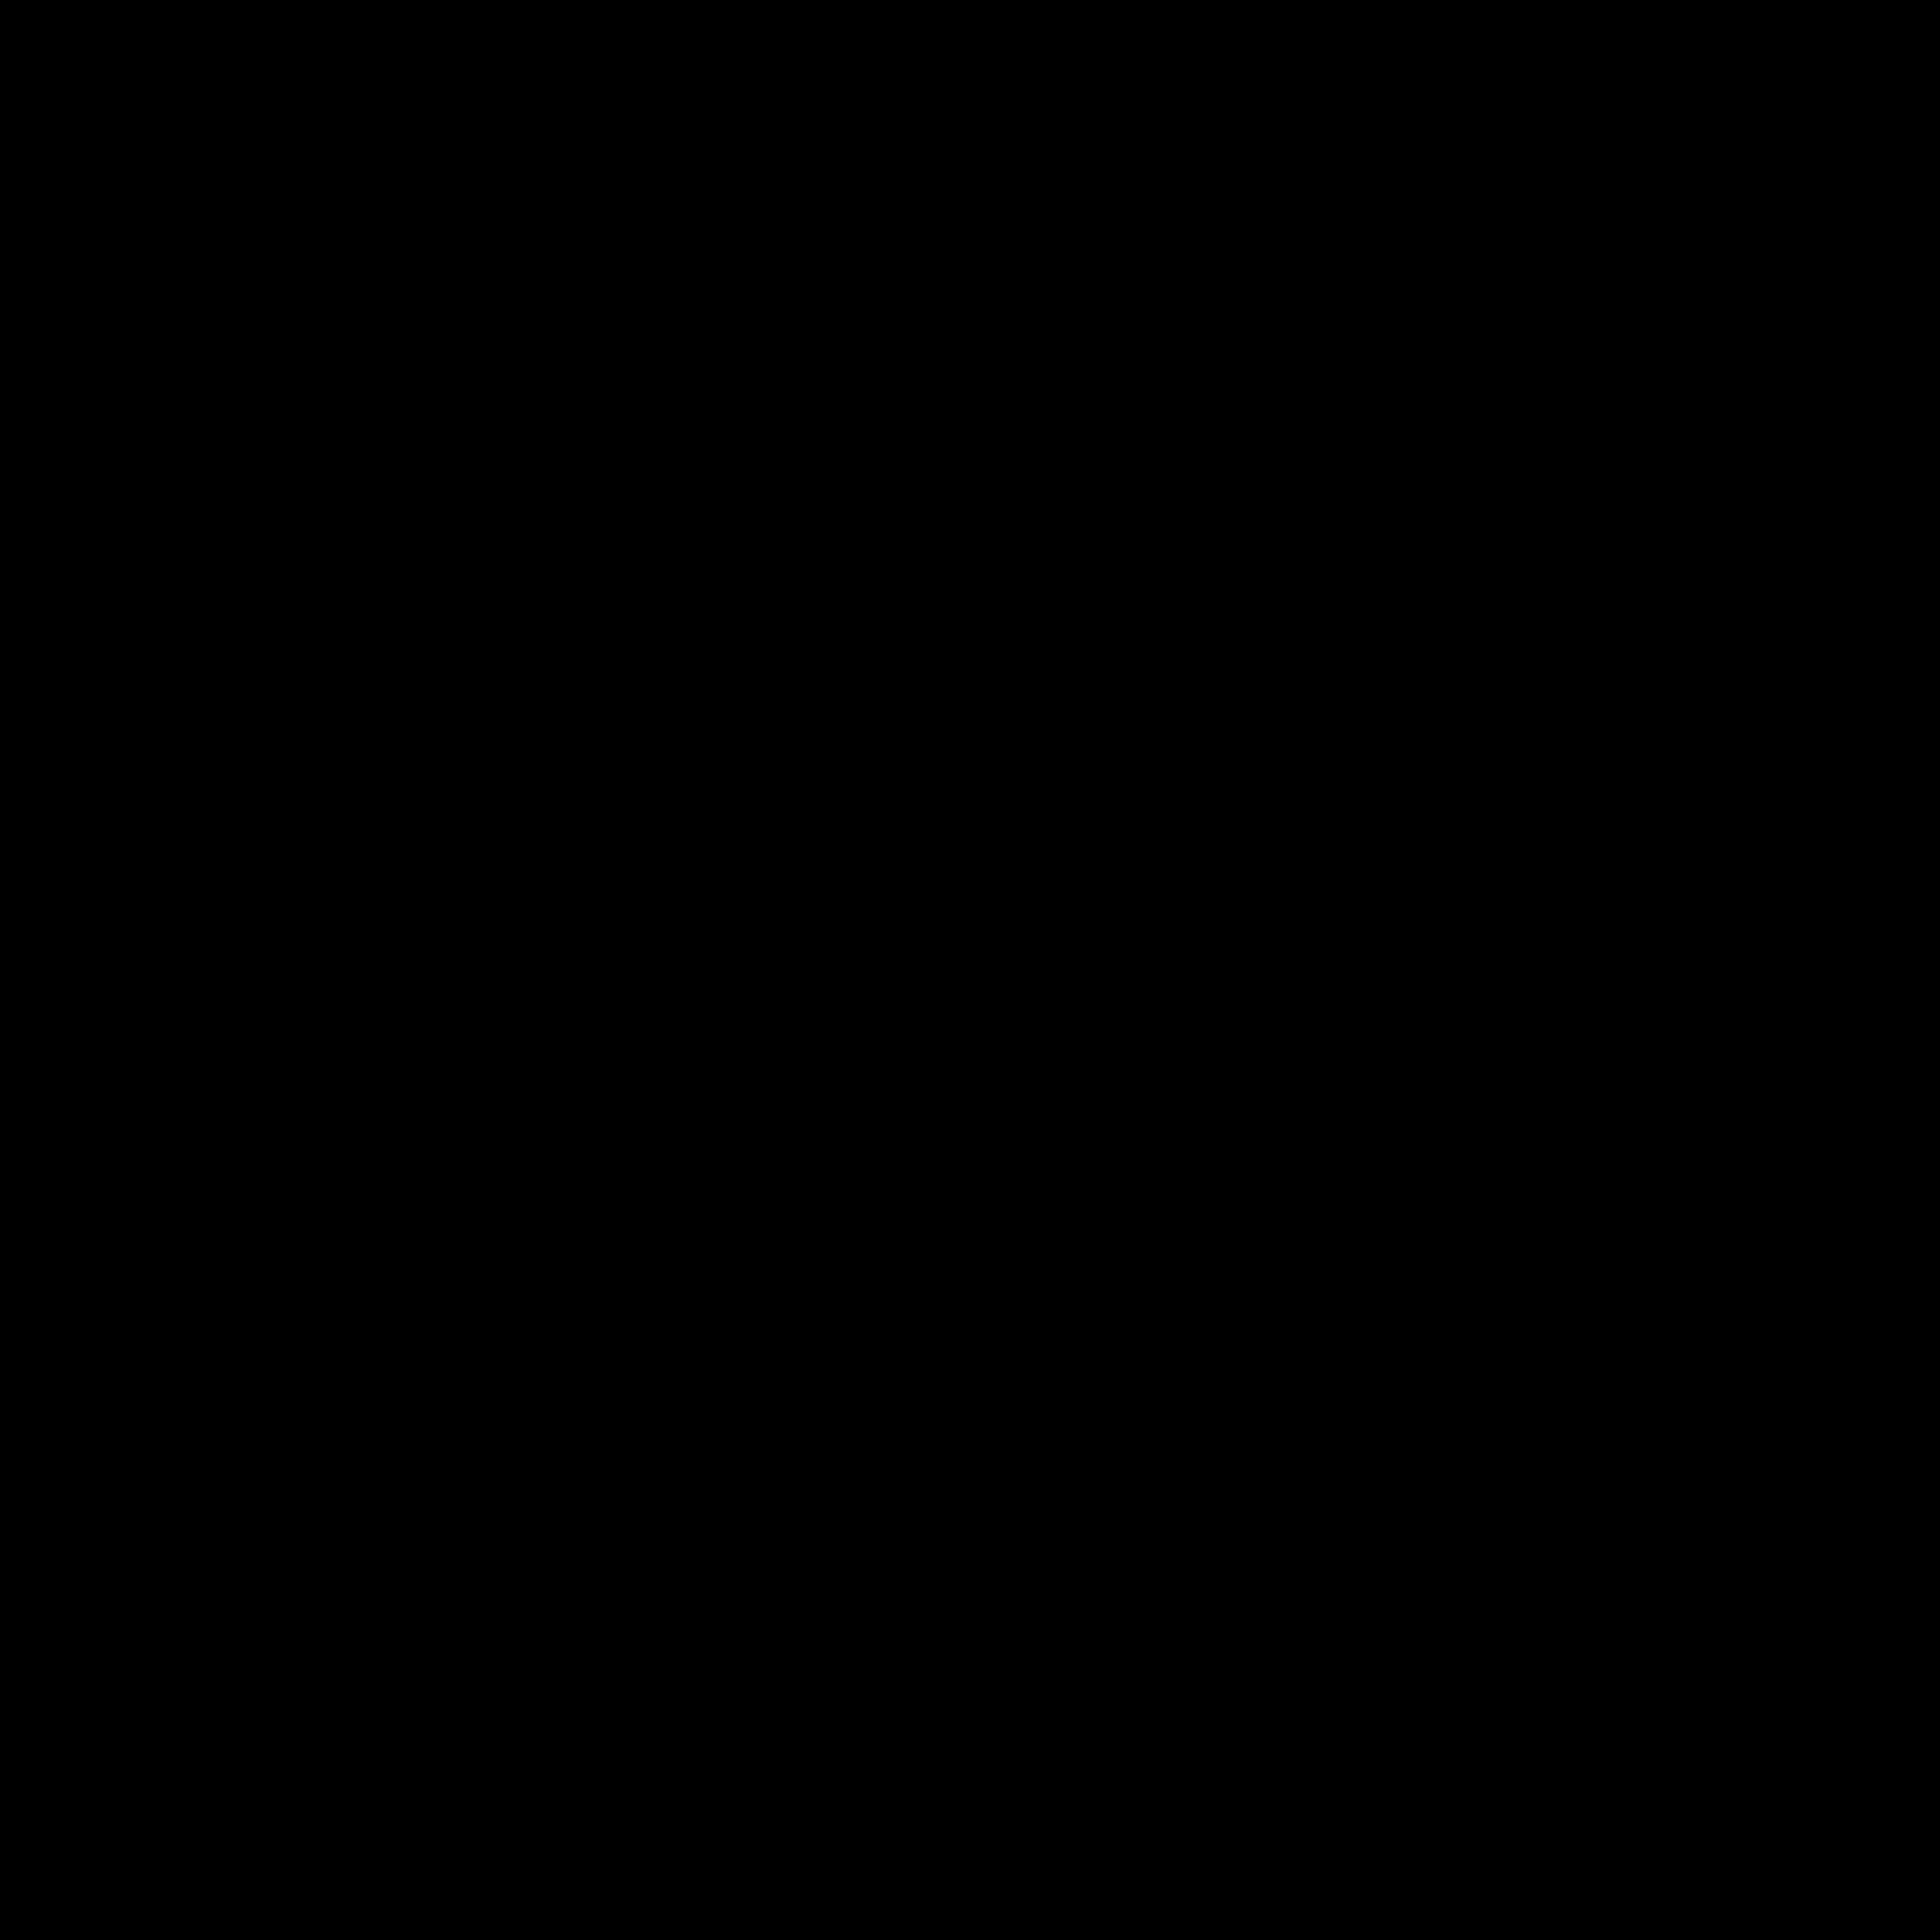 disqus, black icon